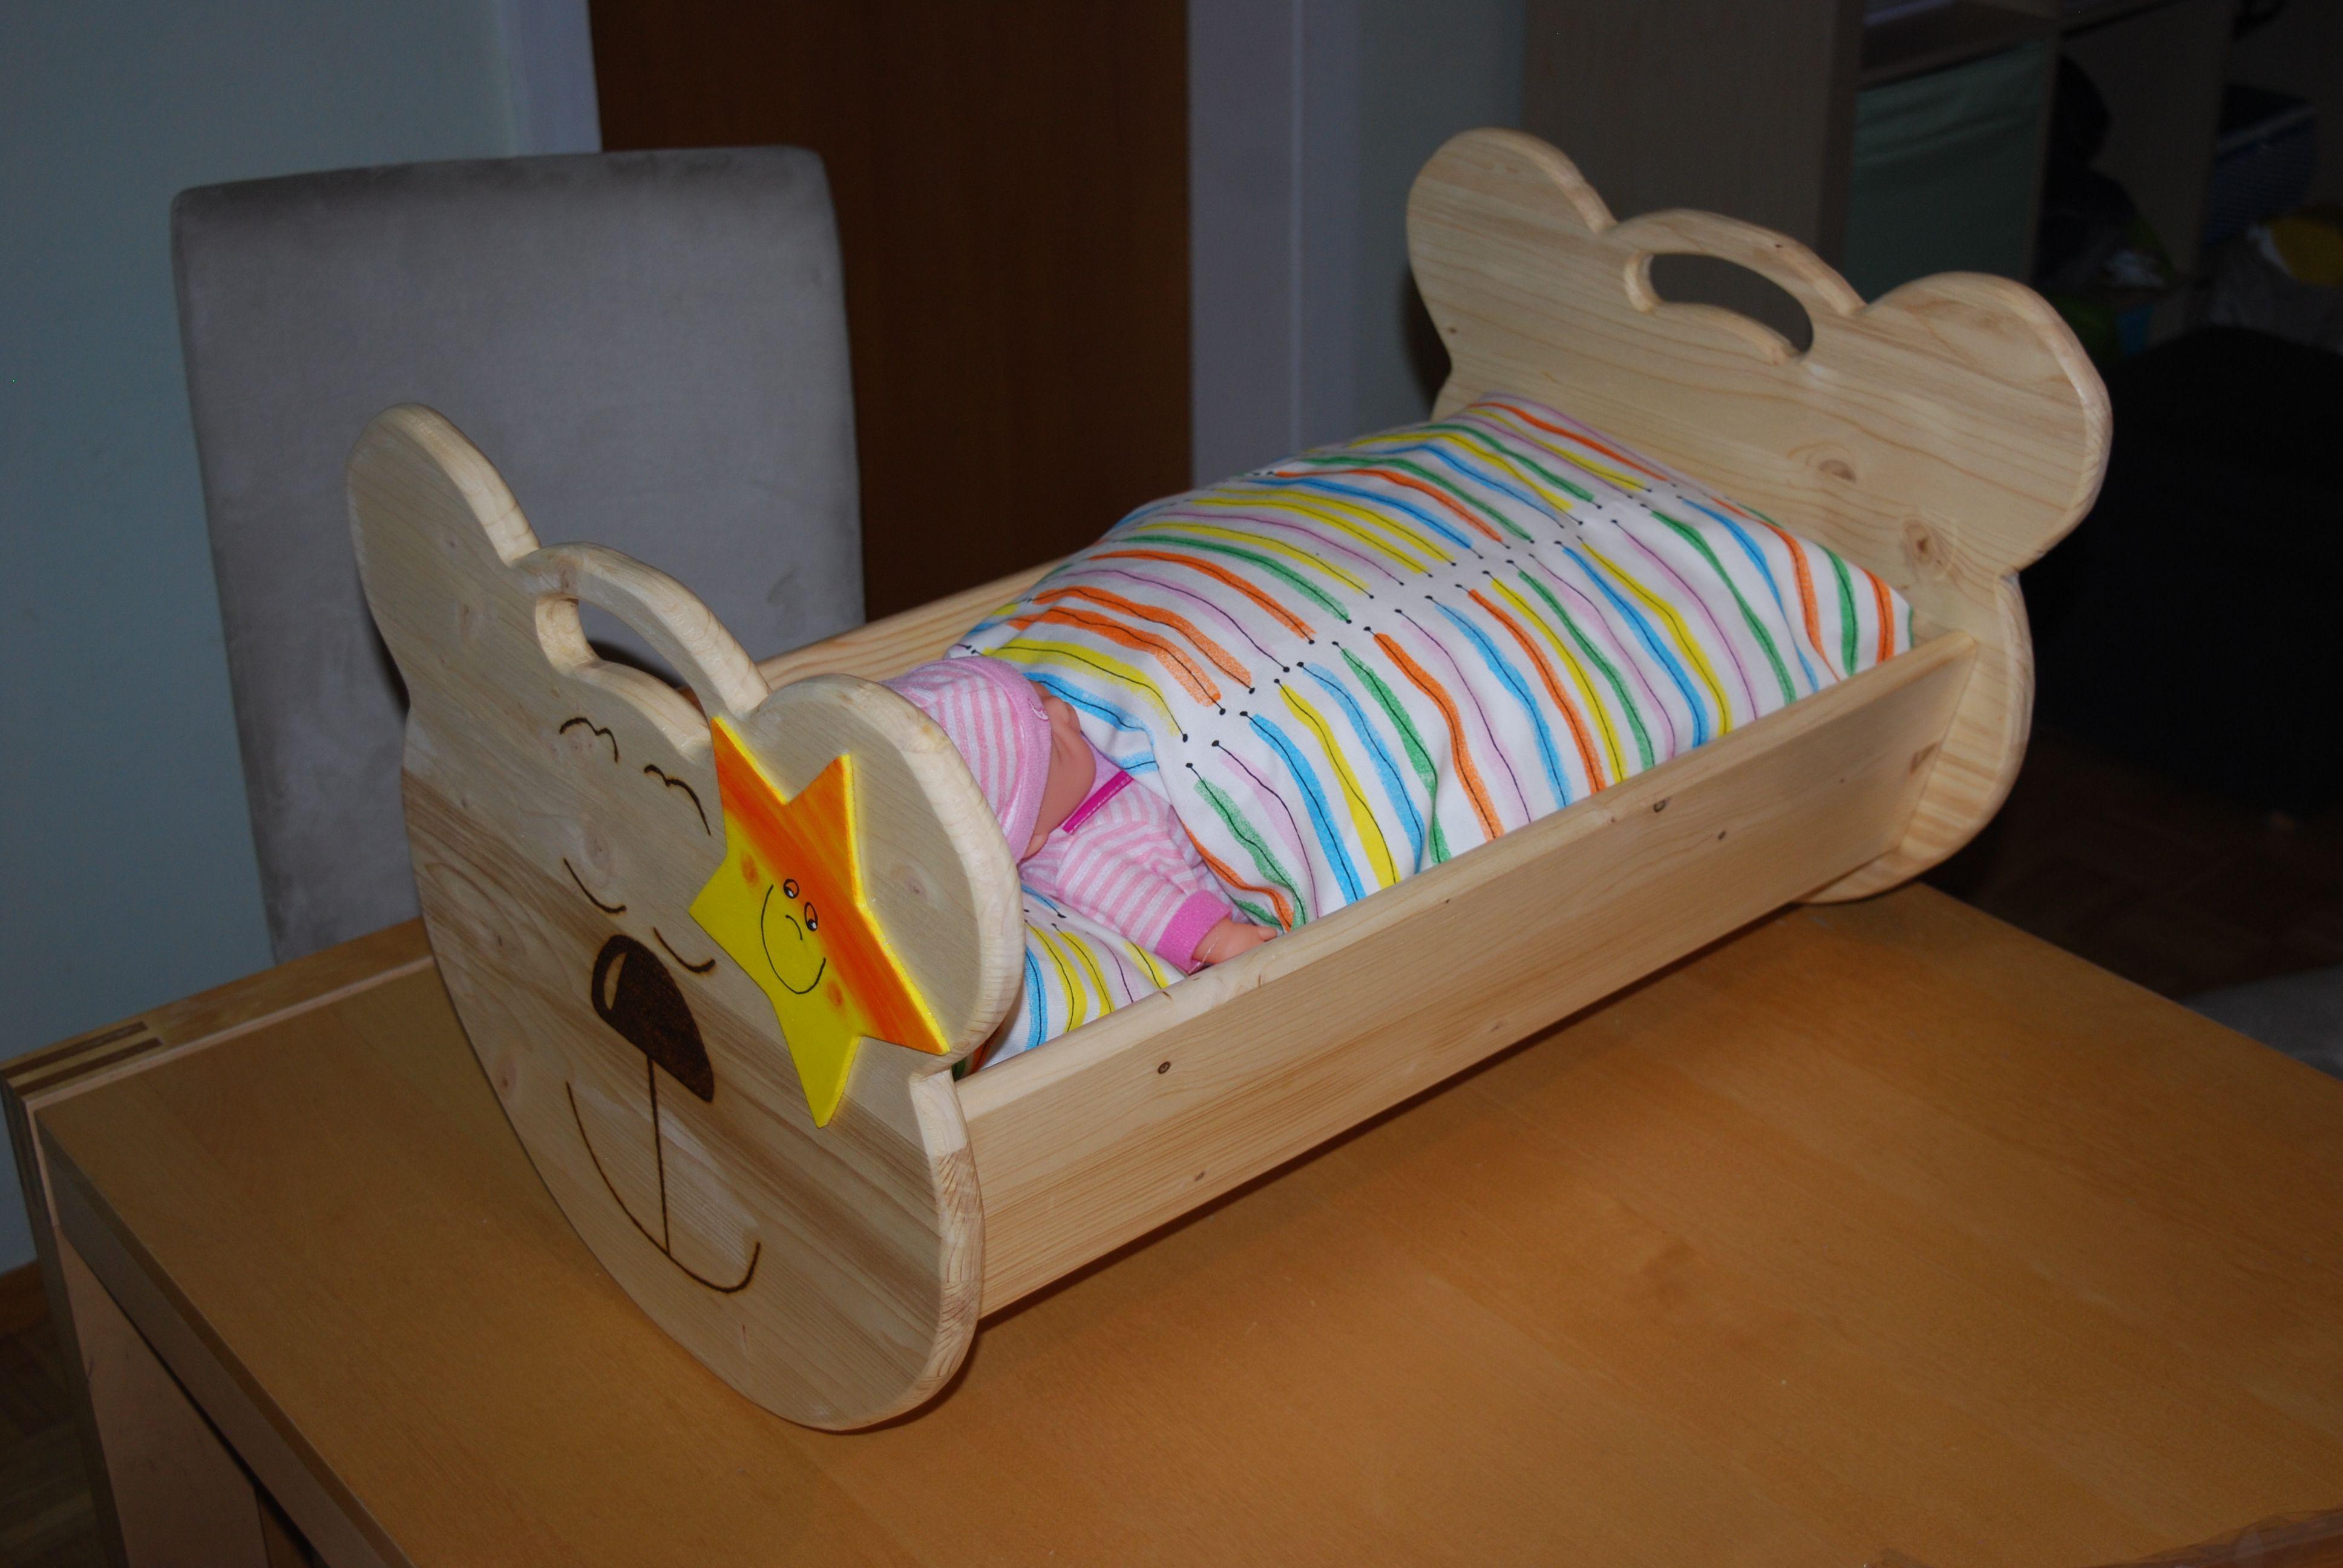 puppenwiege in xxl bauanleitung zum selber bauen hoizbastla s projekte. Black Bedroom Furniture Sets. Home Design Ideas